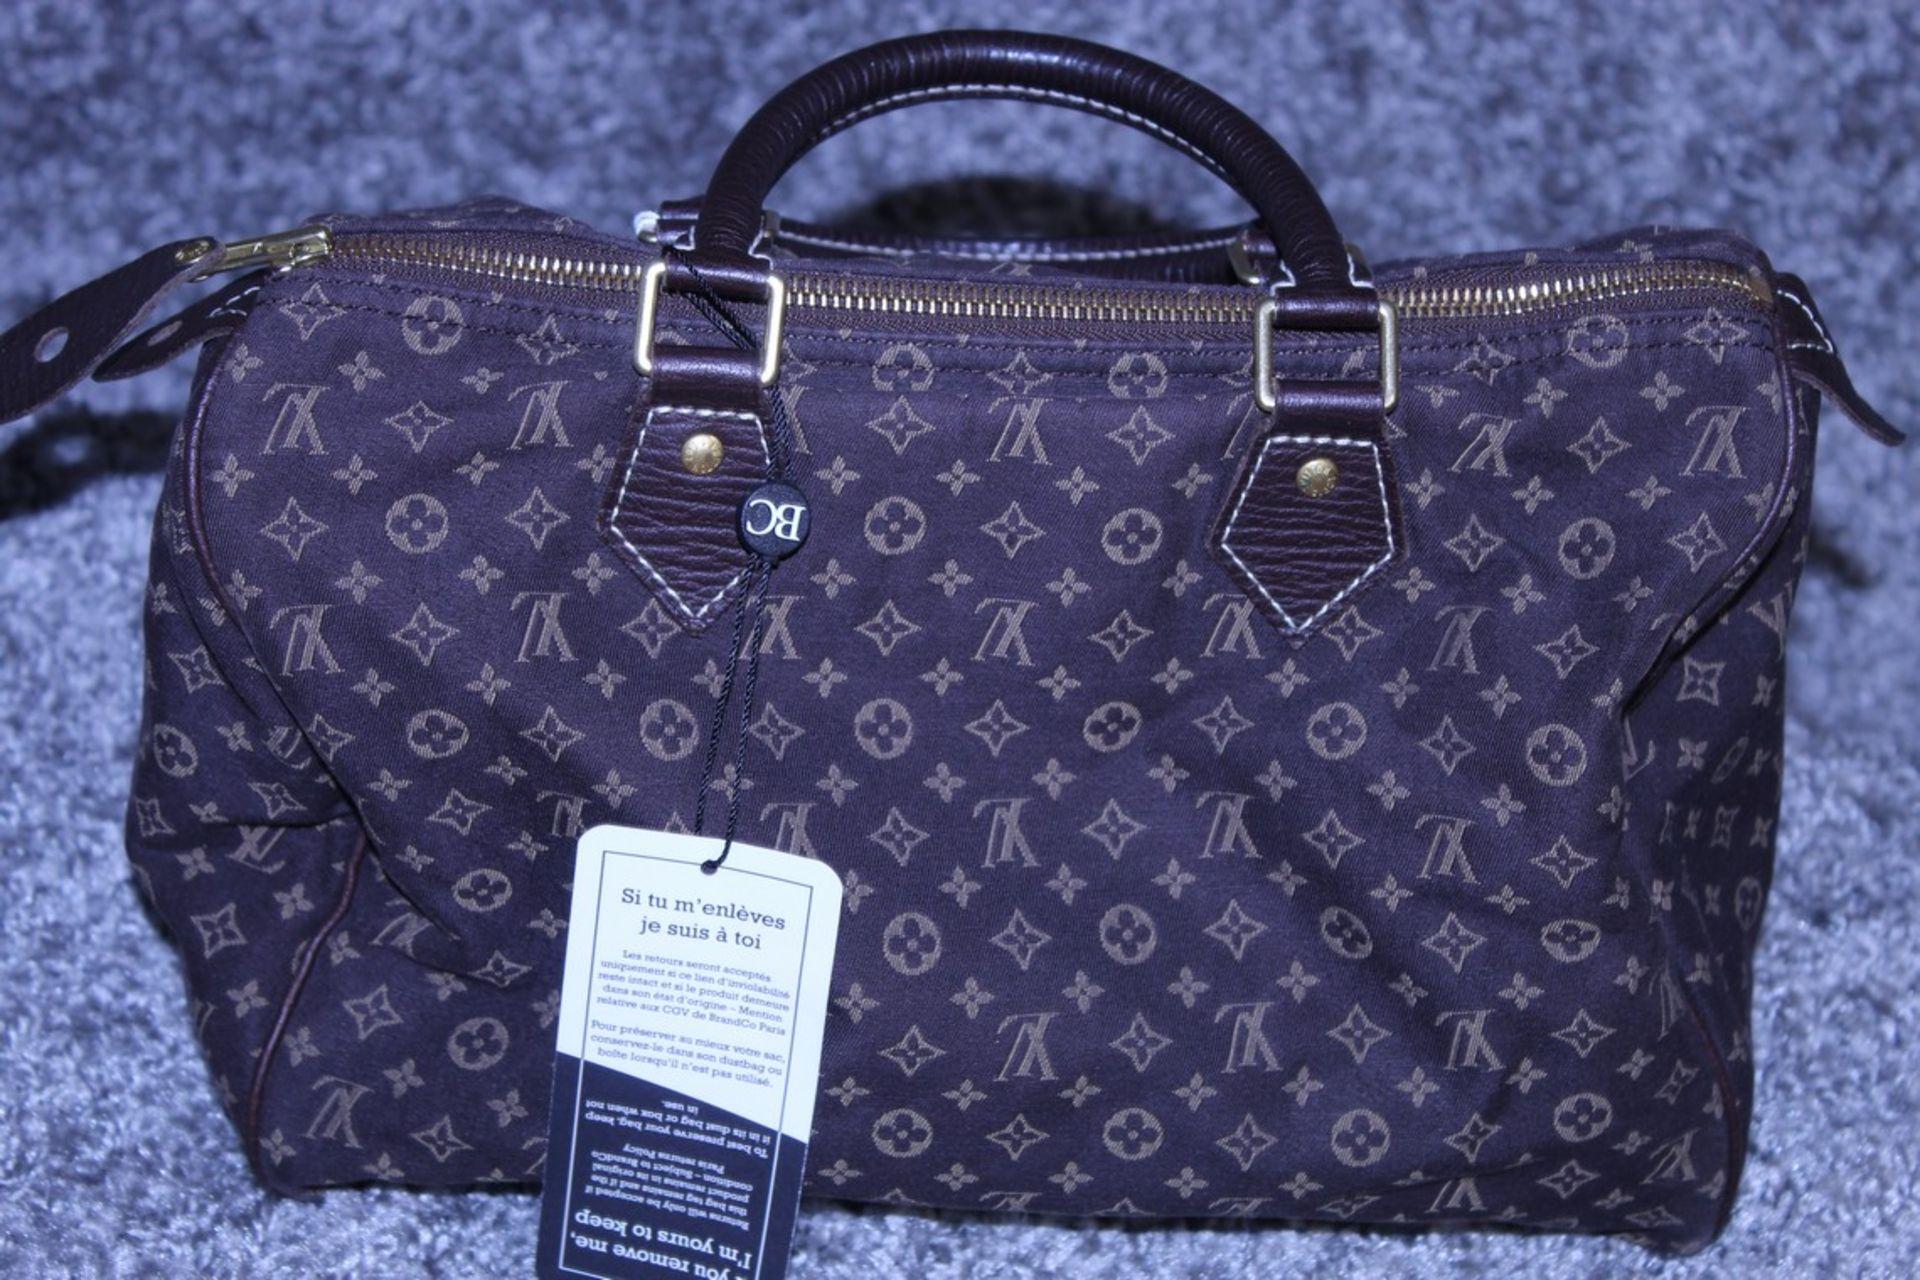 RRP £1,100 Louis Vuitton Speedy 30 Handbag, Dark Brown Canvas Monogram/Idylle Canvas, Dark Brown - Image 2 of 4